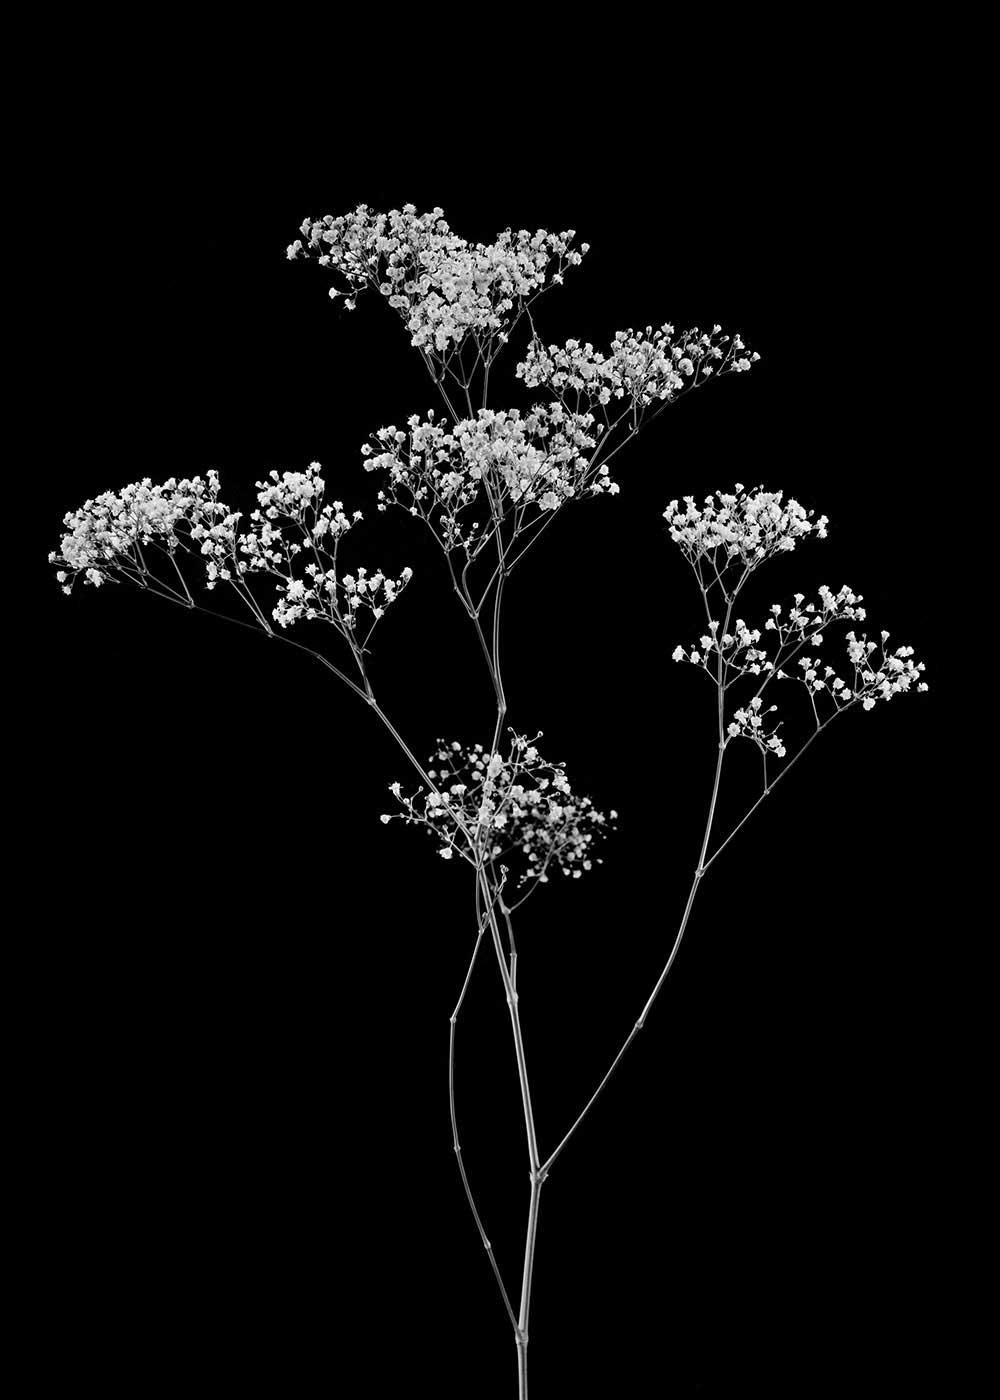 guillaume_dhubert_herbarium_003